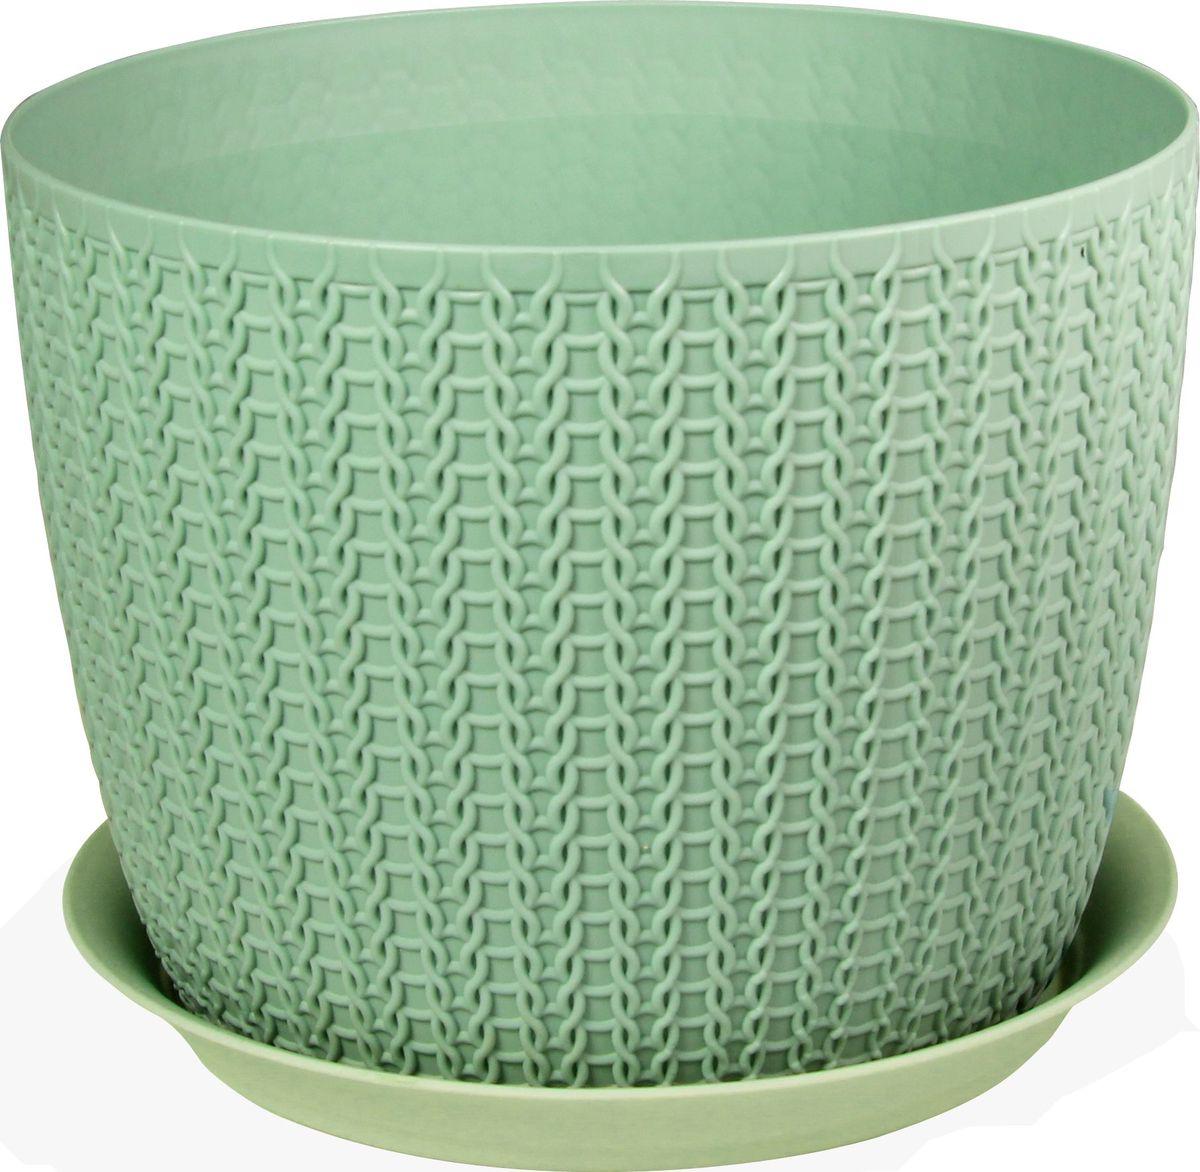 Кашпо Idea Вязание, с поддоном, цвет: фисташковый2,8 л, диаметр 18 см. М 3121М 3121_фисташковый